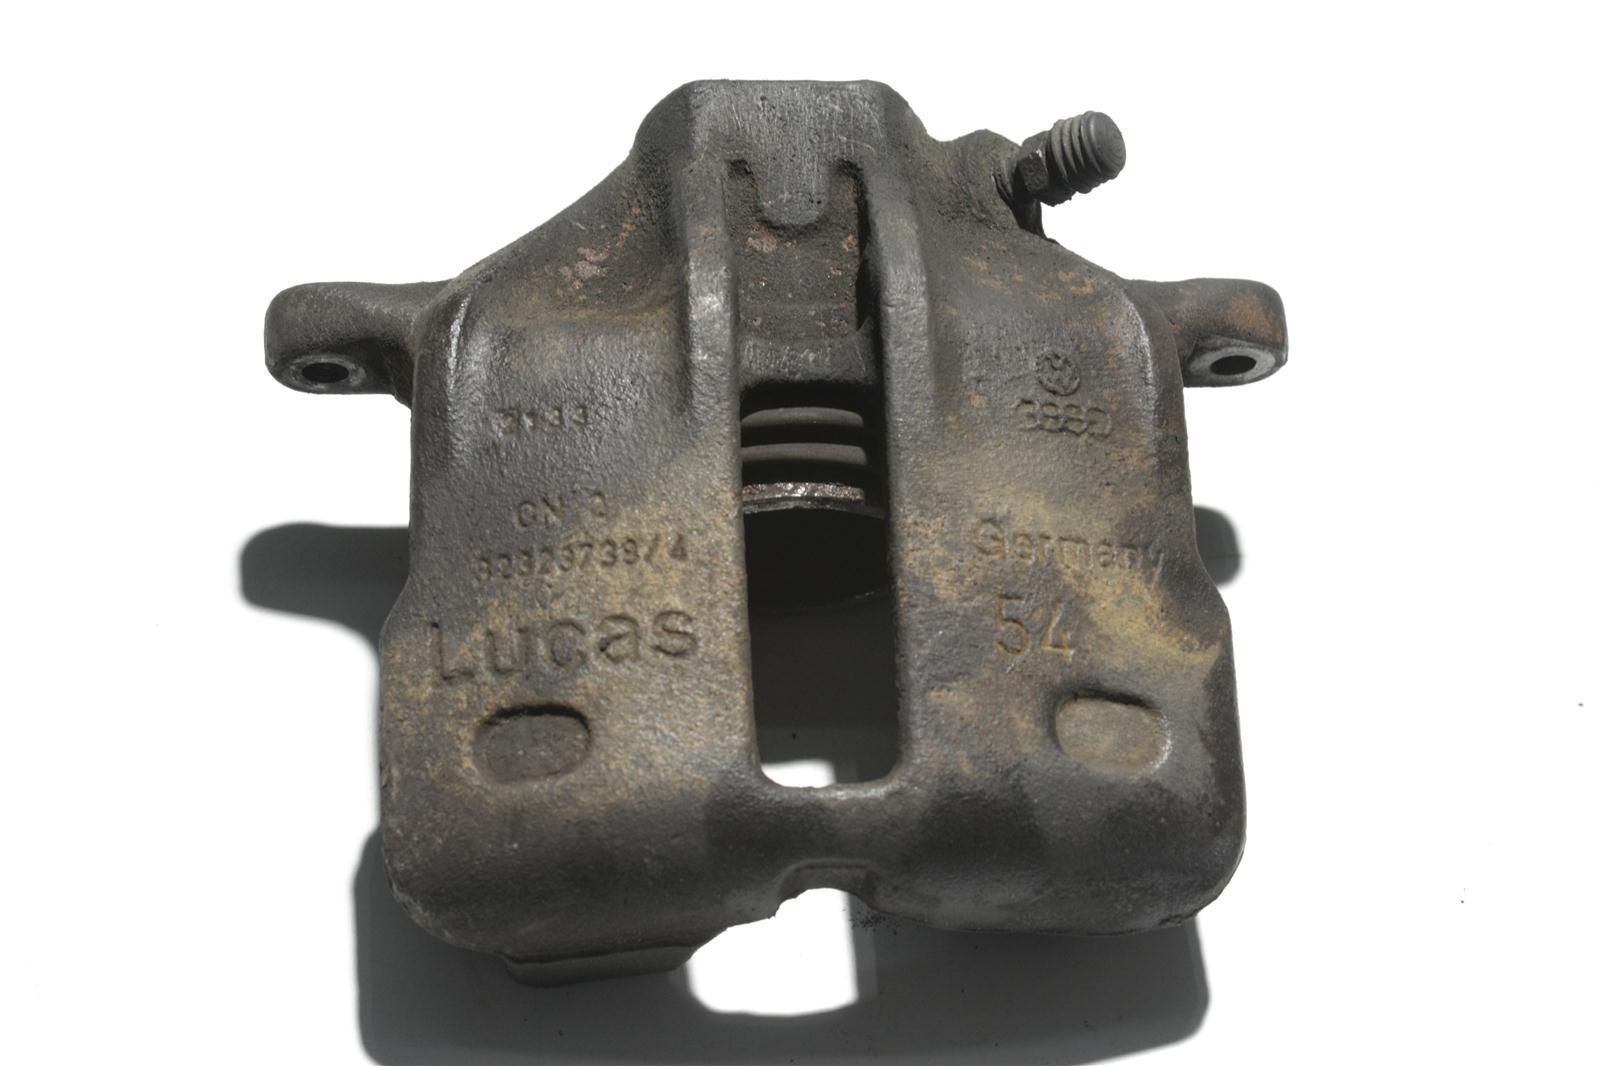 Audi/VW 80/100/Urquattro Bremssattel Lucas 54 Vorne Rechts 443615123FX